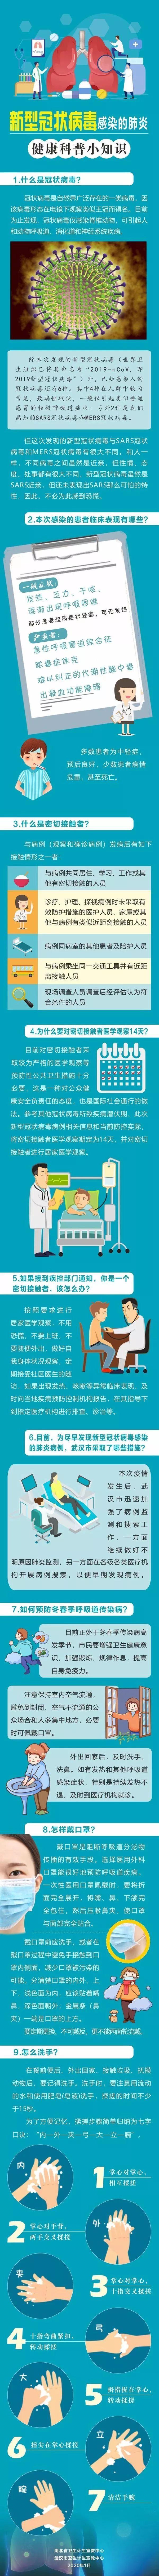 浙江5新型肺炎病例,新型肺炎,2019-nCoV